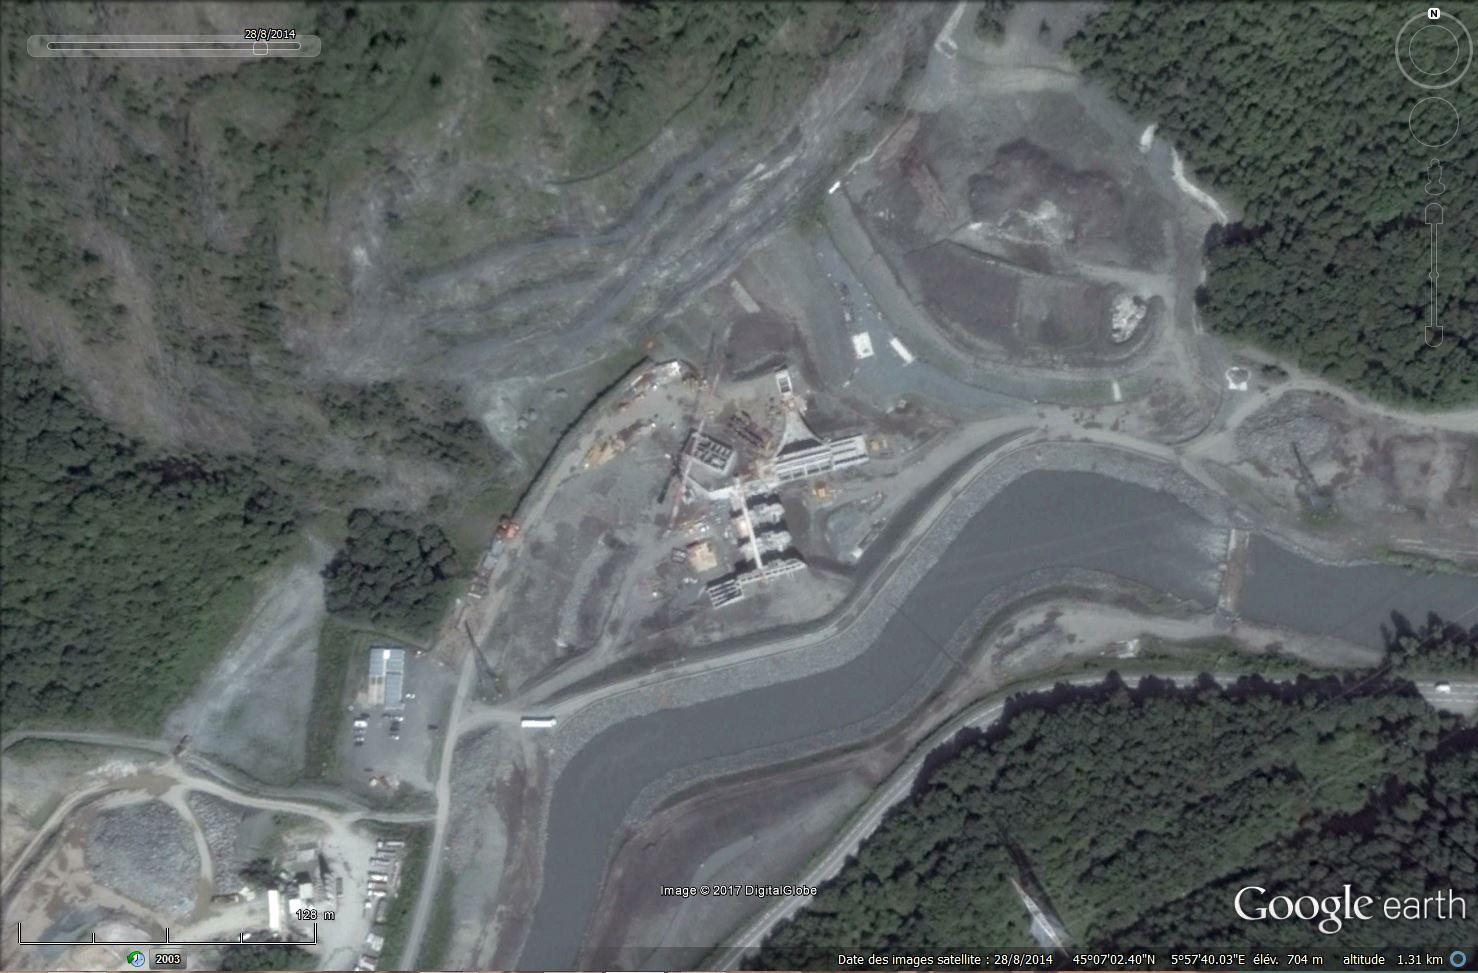 [Désormais visible sur Google Earth] - Le barrage hydroélectrique de Gavet sur la Romanche - Isère Tsge_194